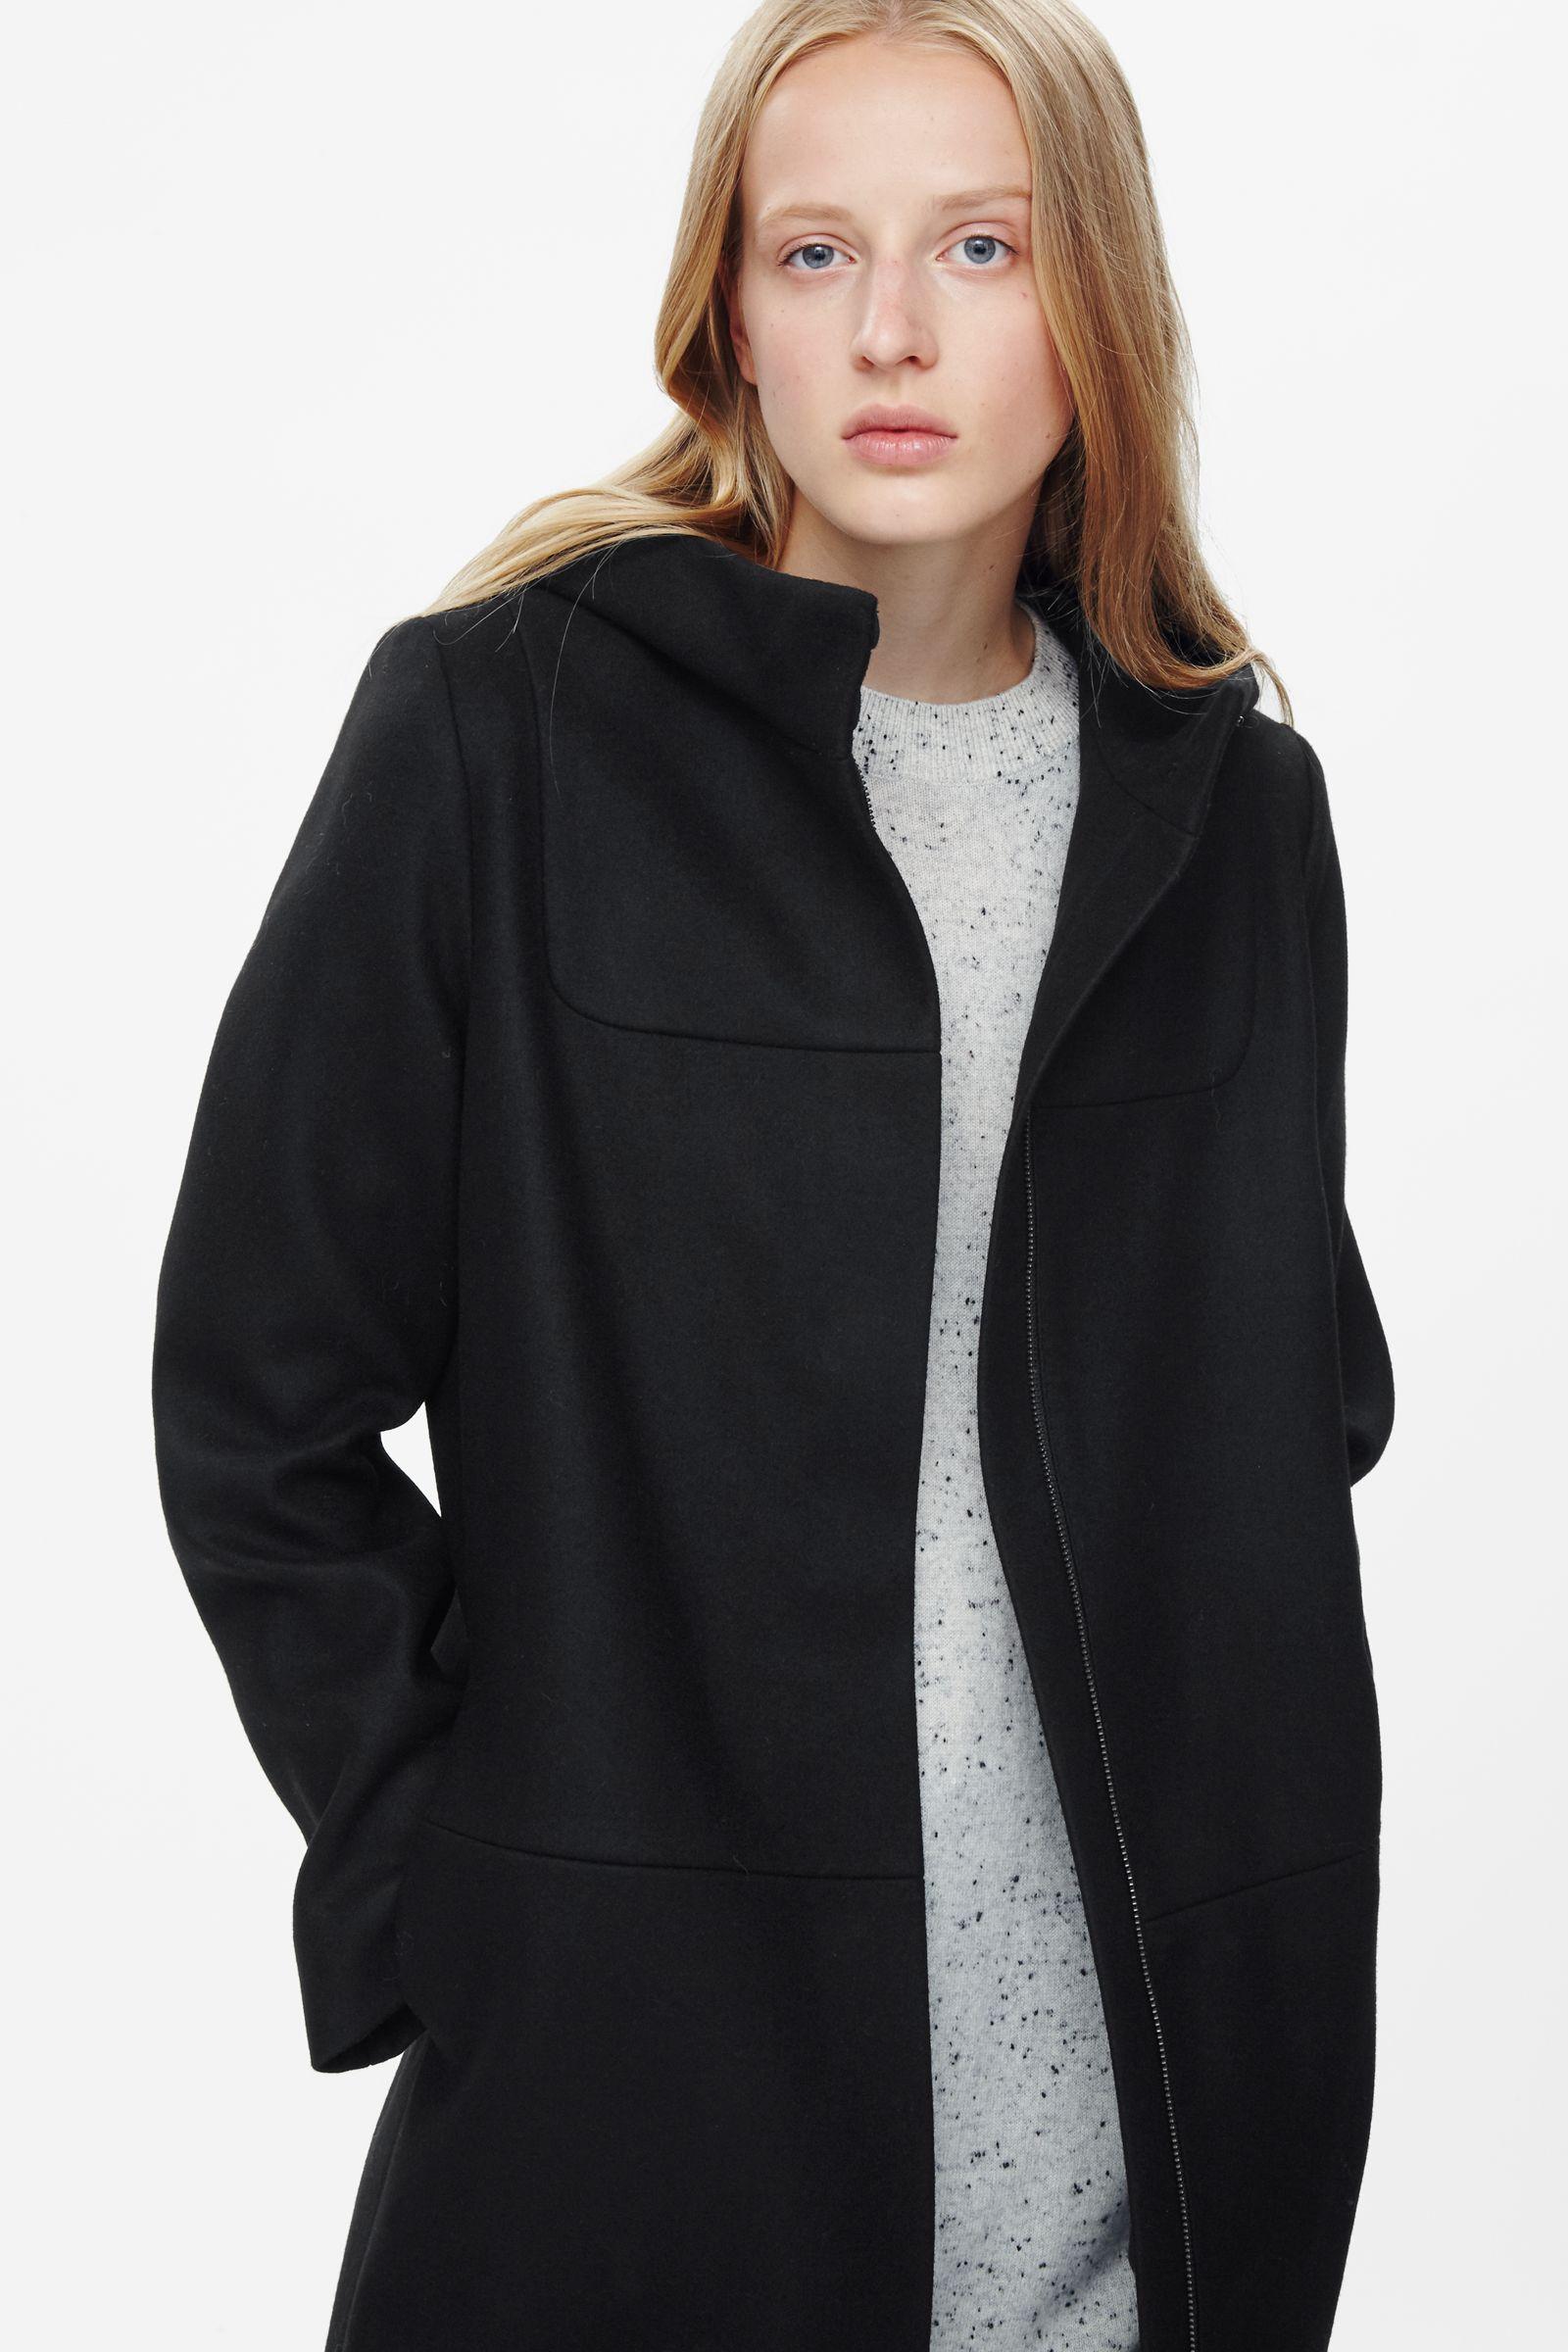 Wool duffle coat | Autumn Style | Pinterest | Duffle coat and Autumn